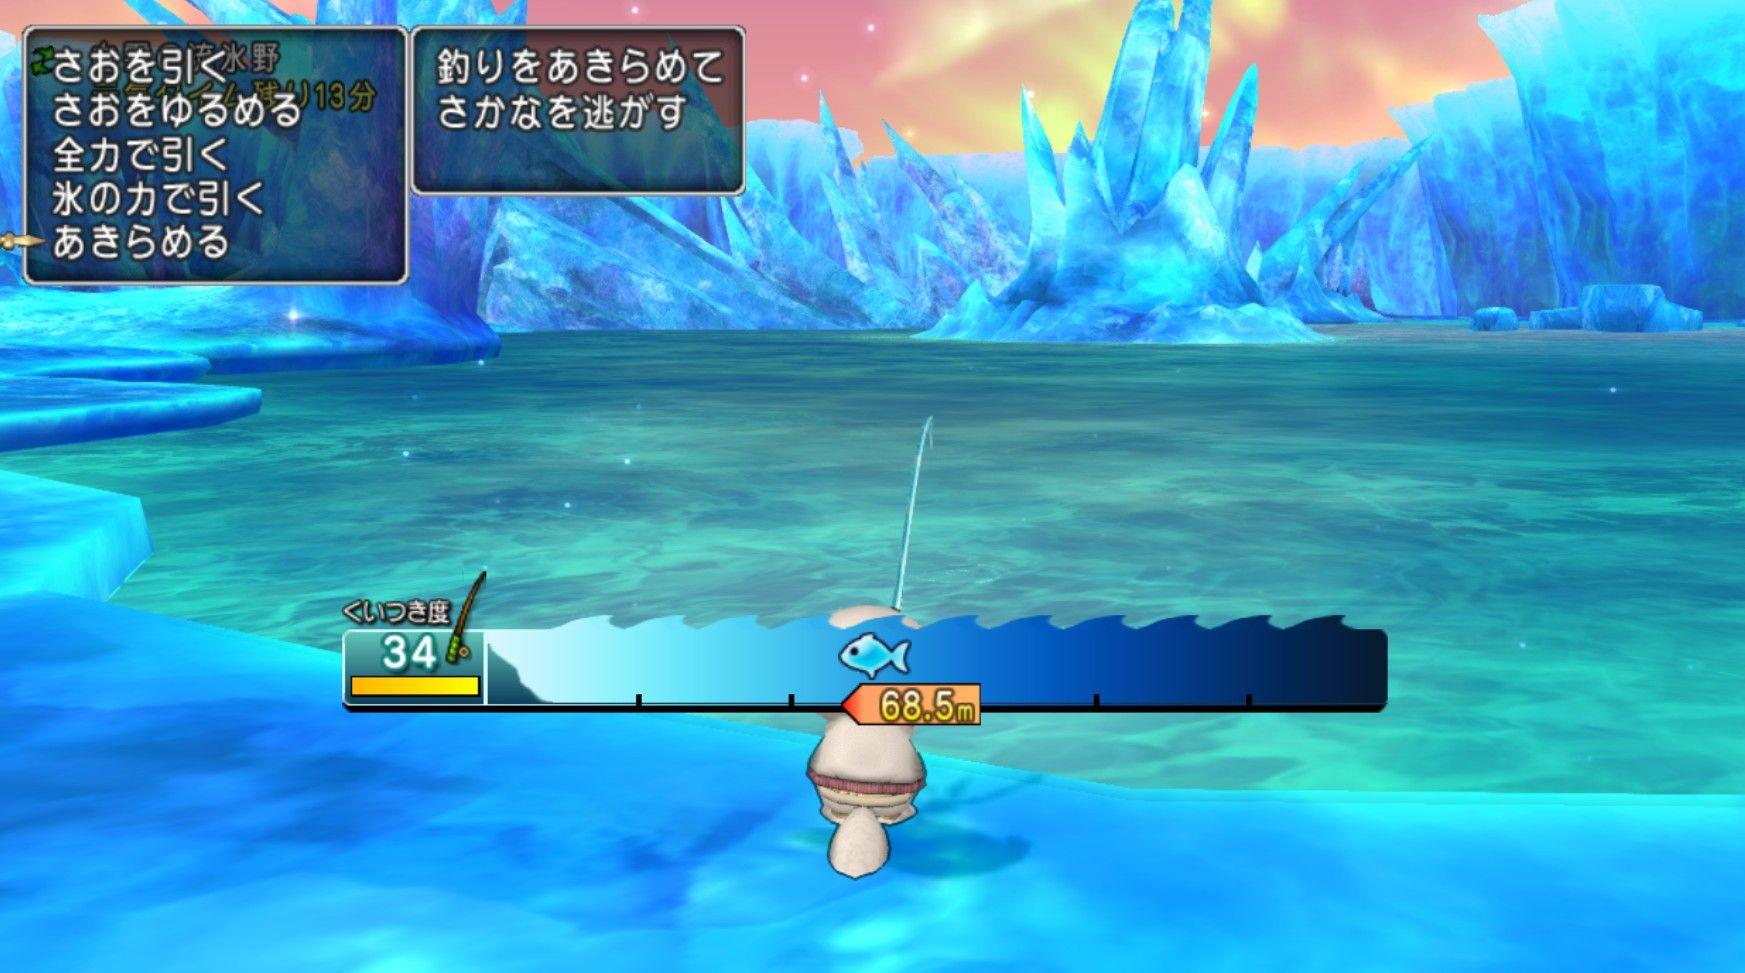 ドラクエ 10 釣り レベル 上げ